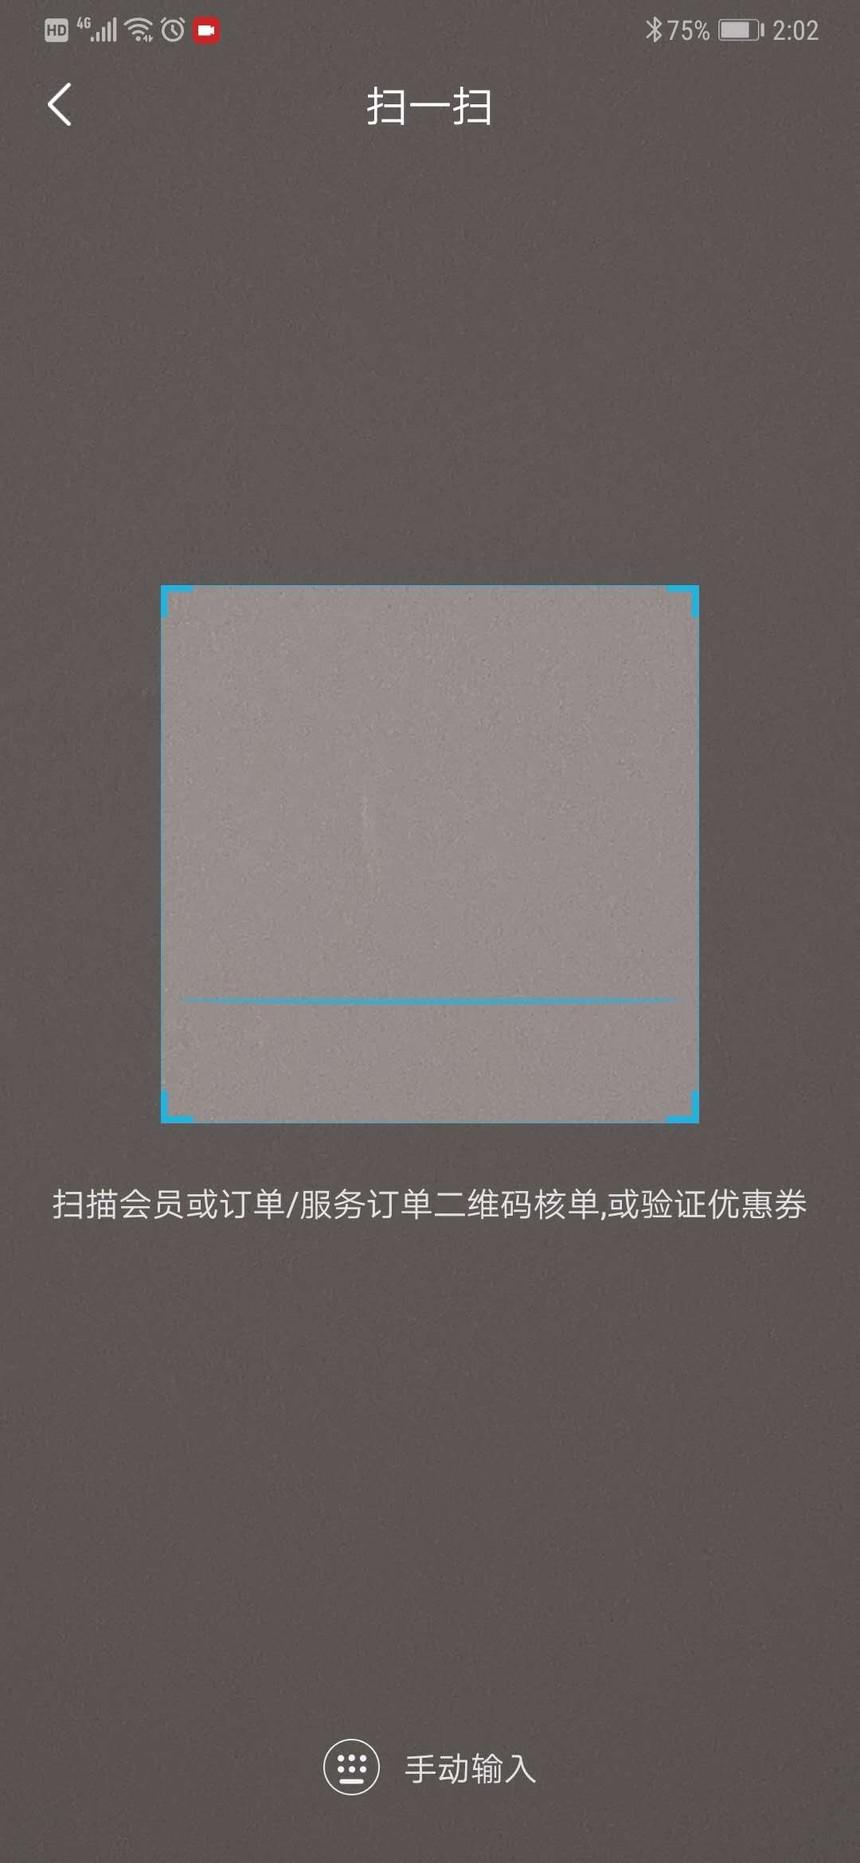 微信图片_20200329140409.jpg